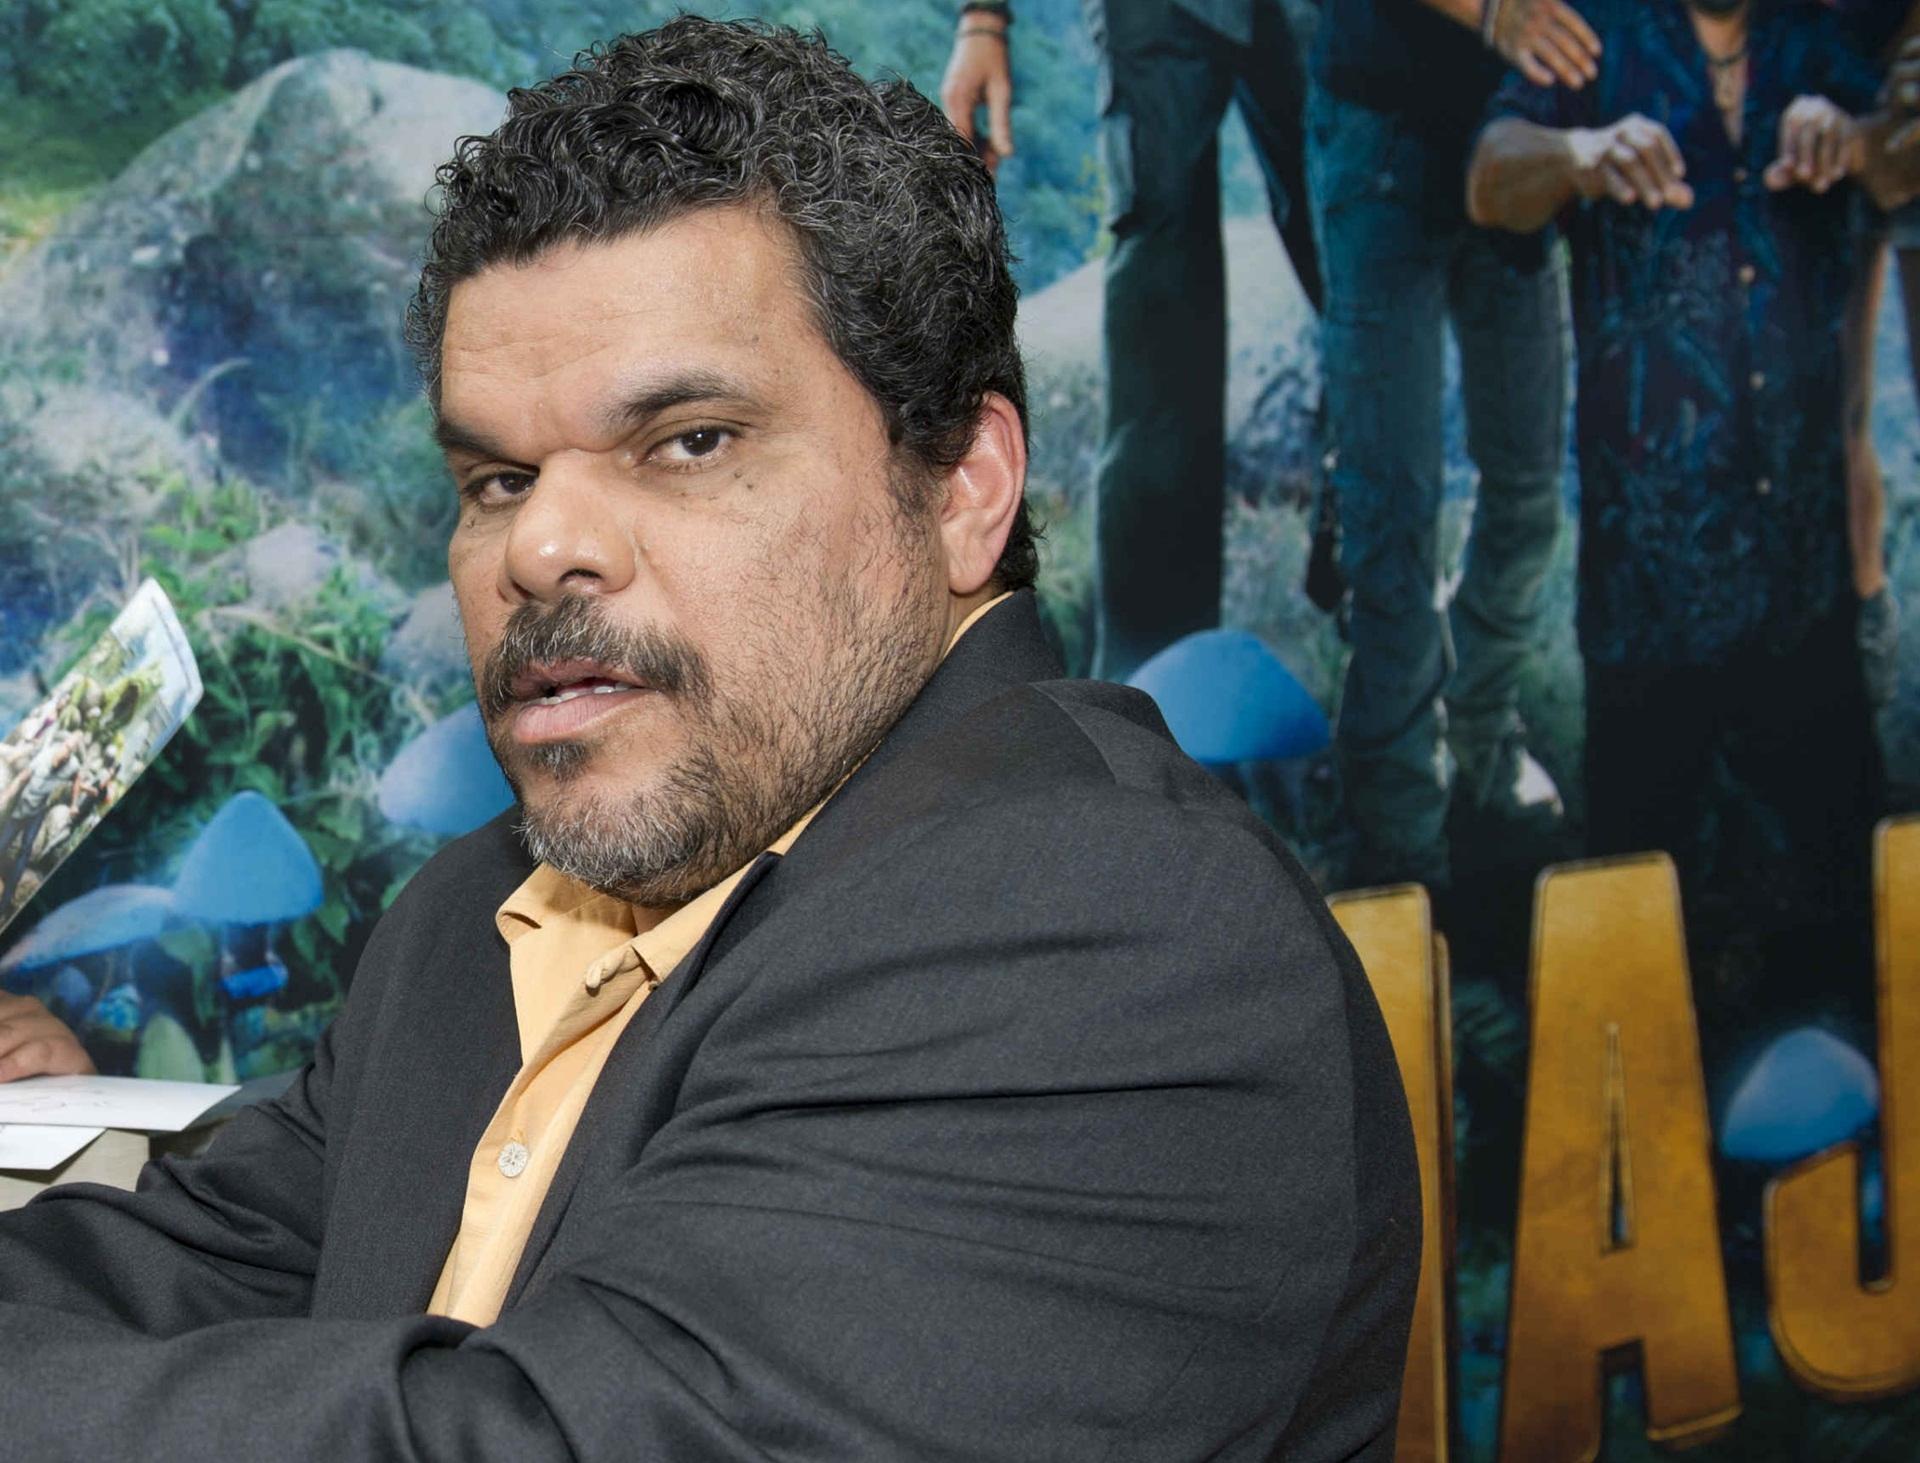 Luis Guzman As AZTEC WARRIOR